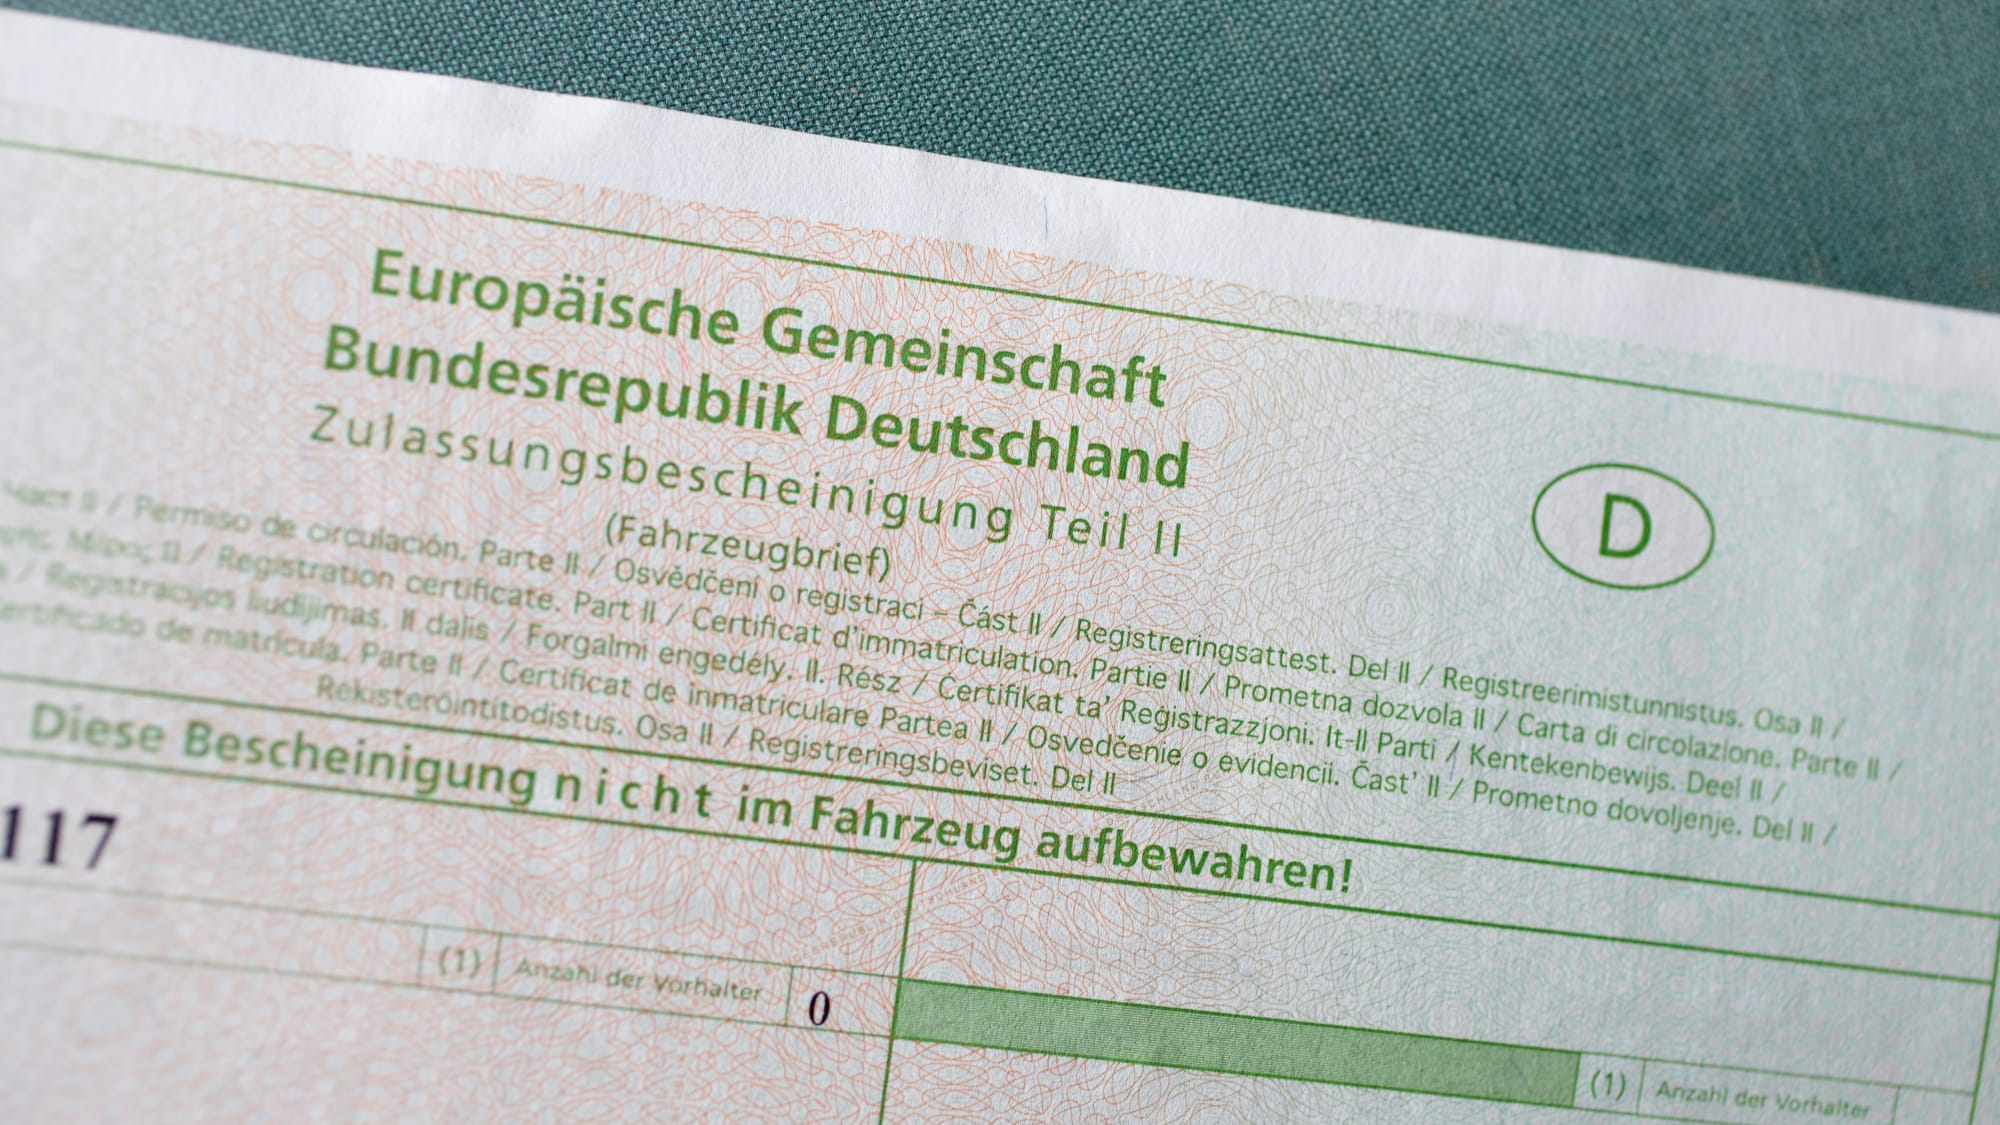 Fahrzeugbrief, Zulassungsbescheinigung Teil II